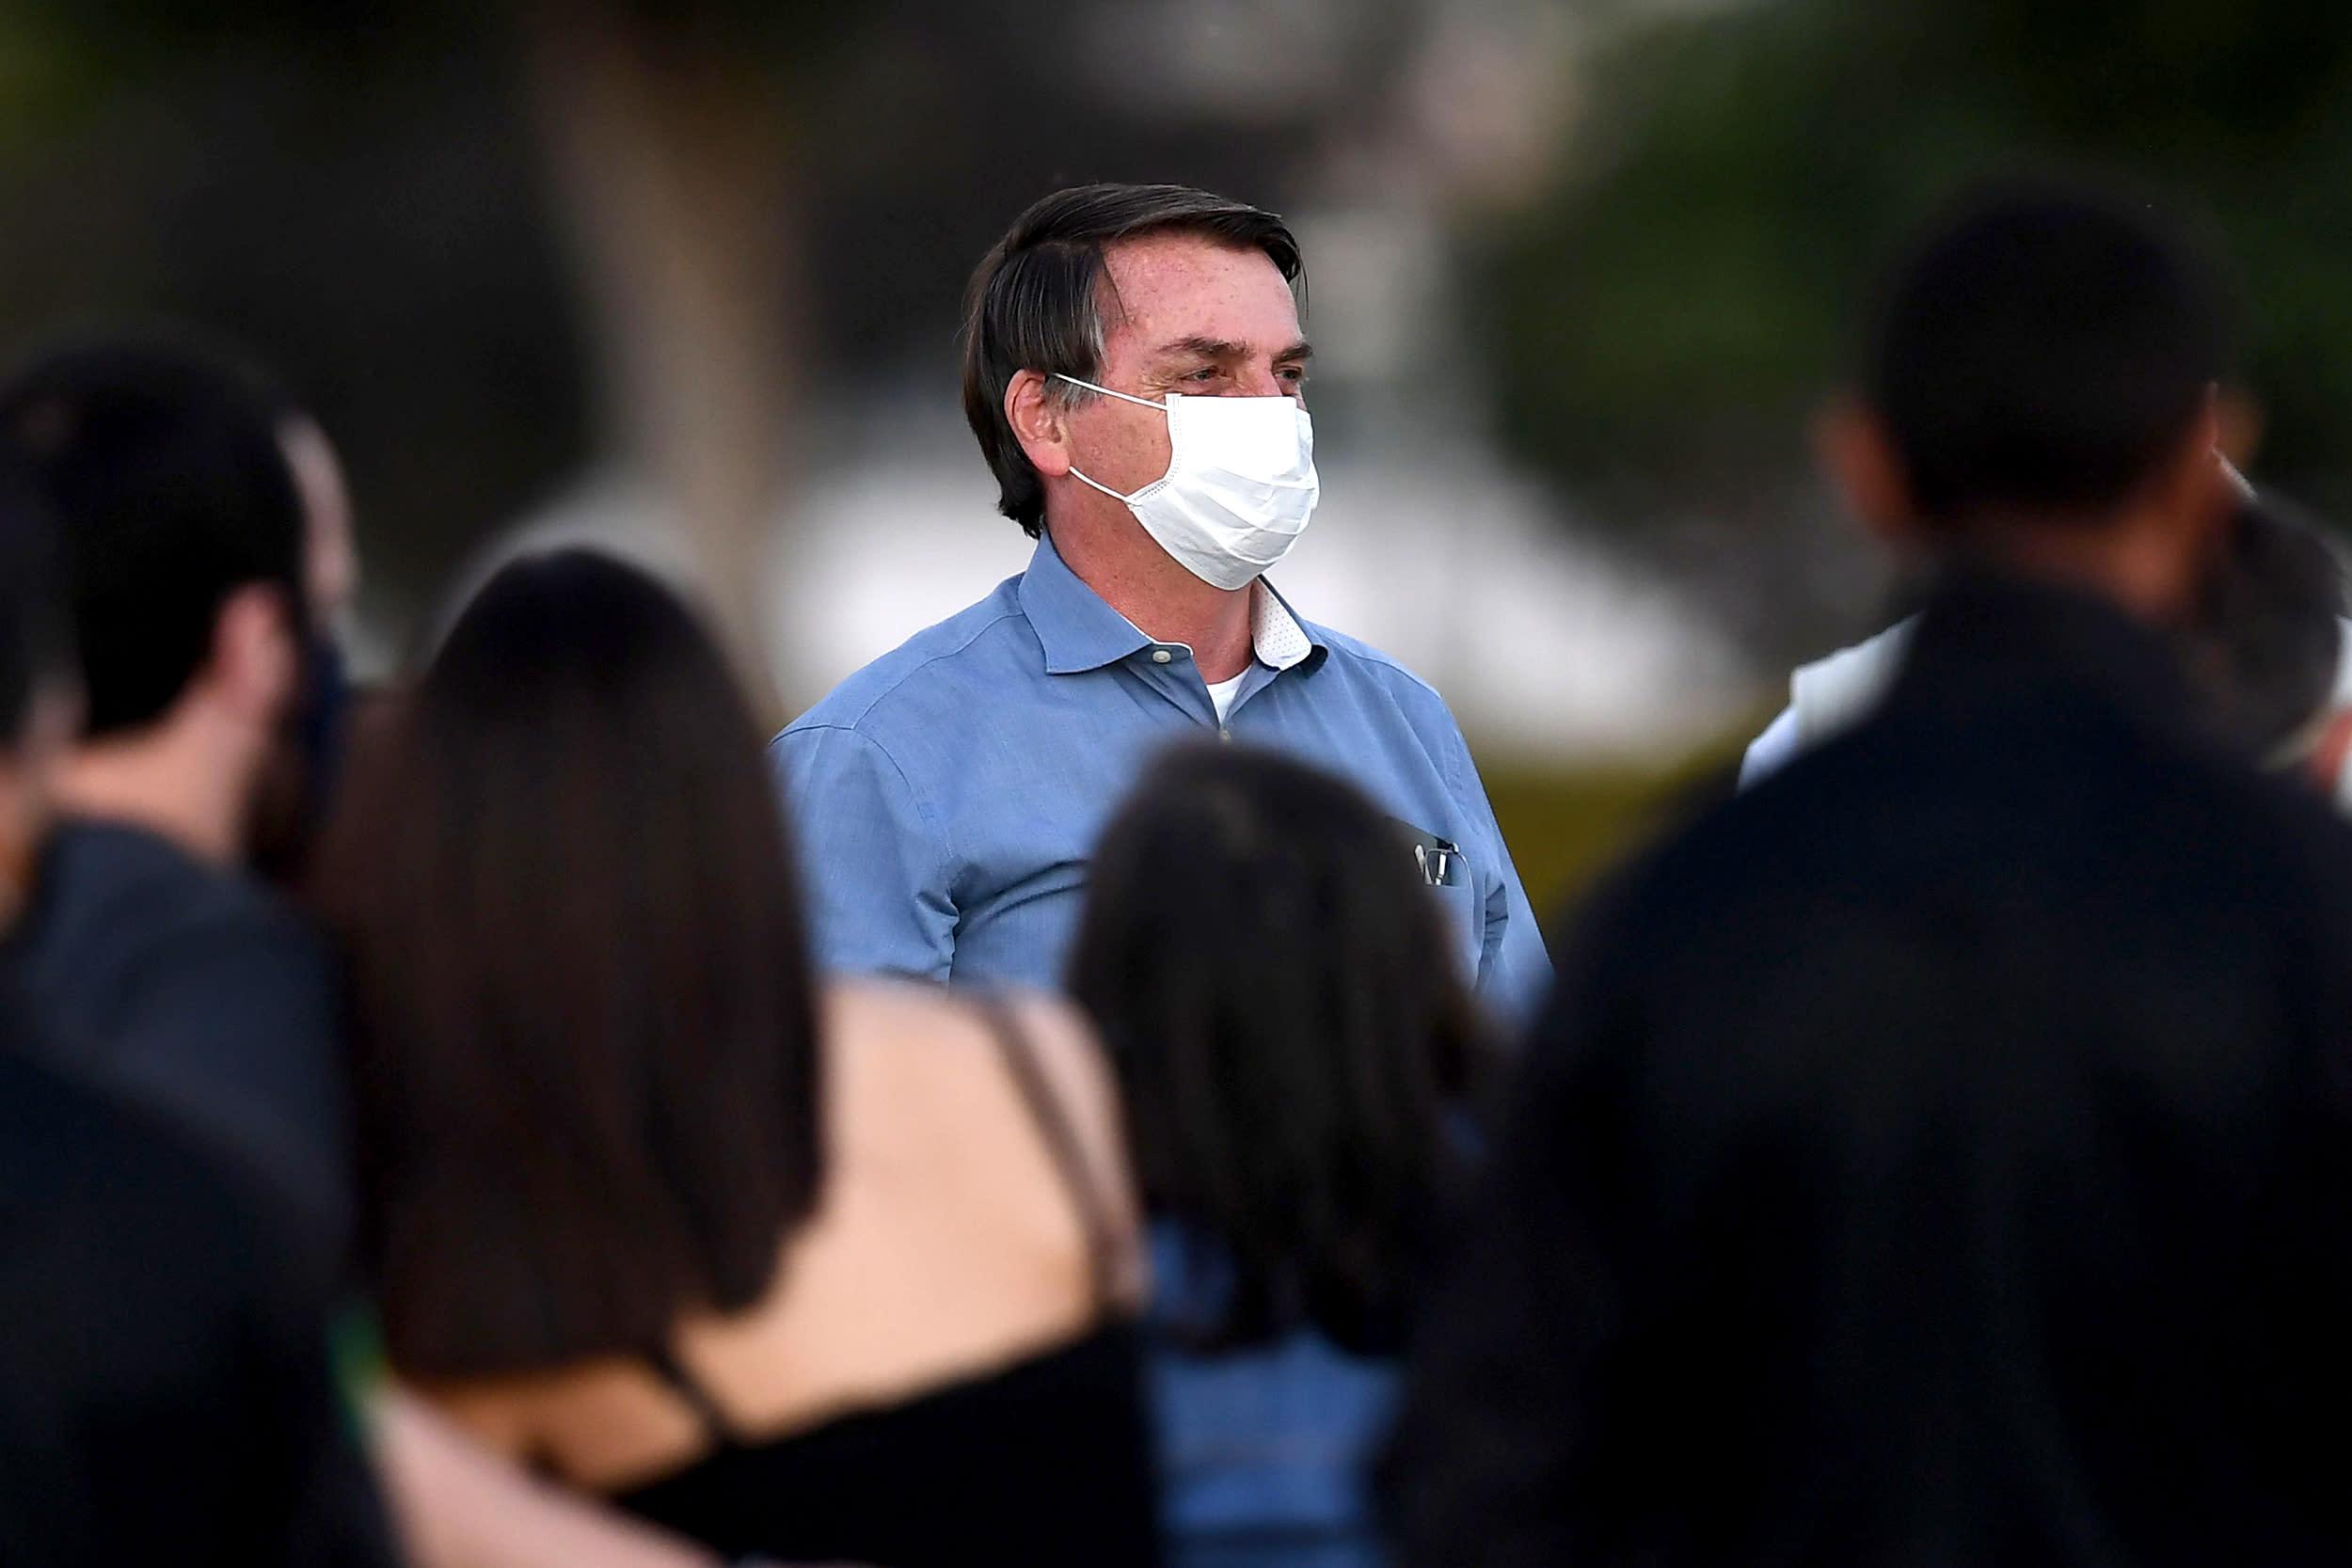 Brazil's President Bolsonaro says he tested negative for coronavirus